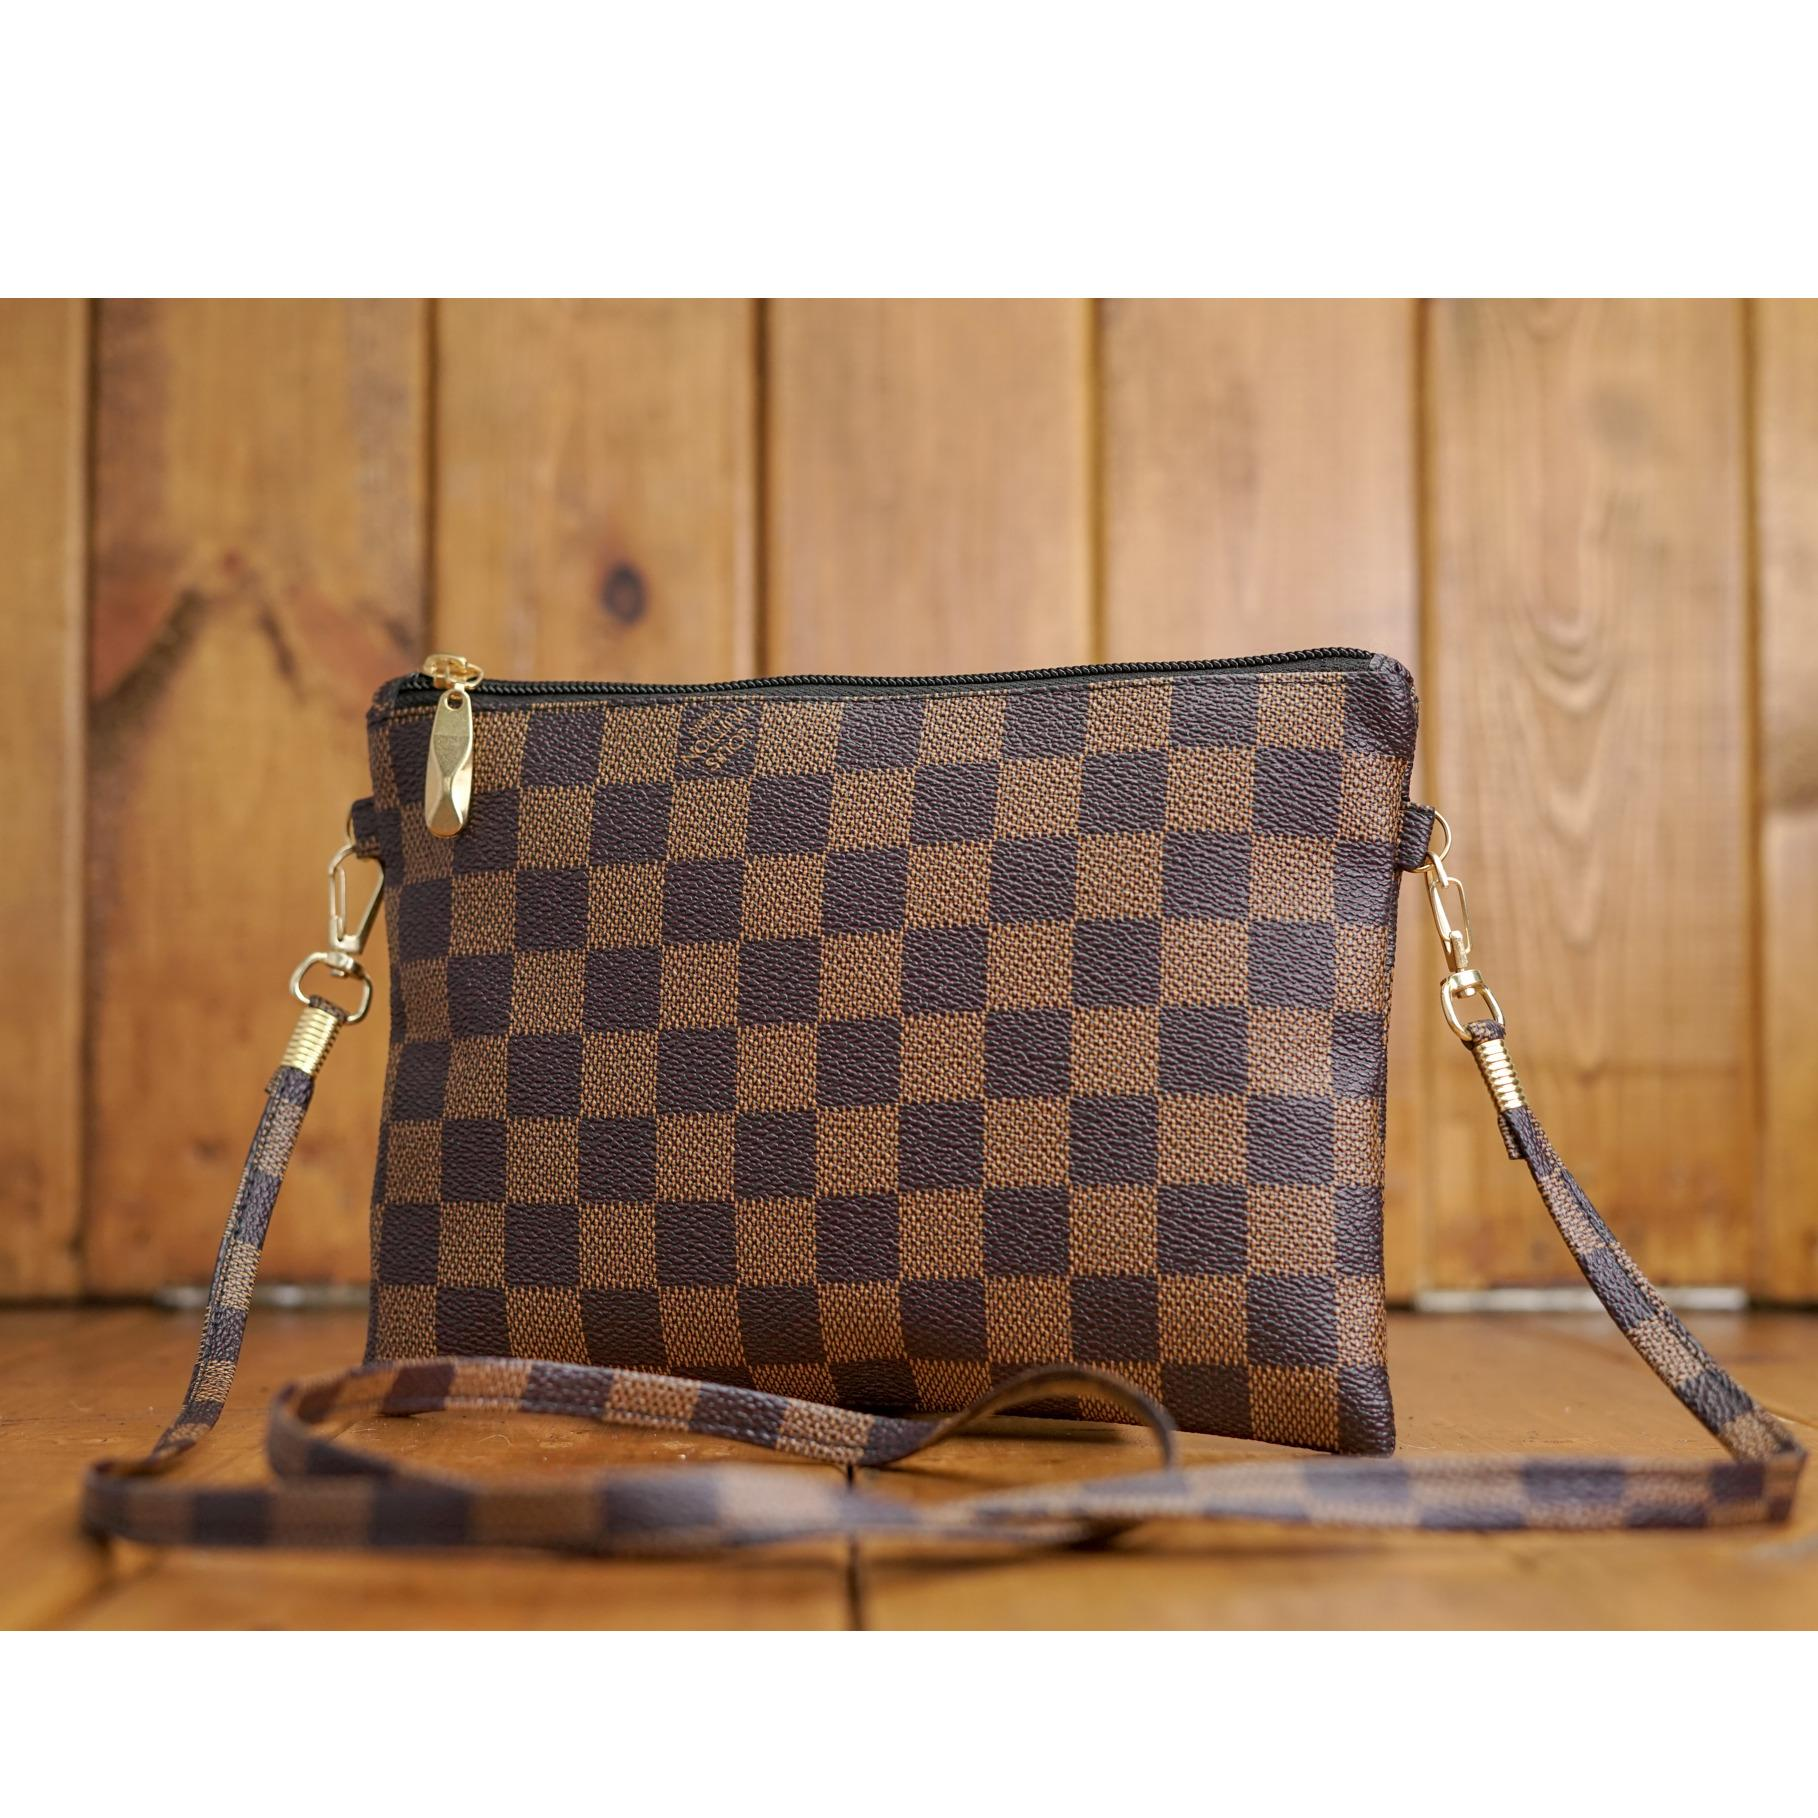 Zelig Official Tas selempang wanita motif kotak-kotak  tas import fashion  wanita Dompet bb53d0646f